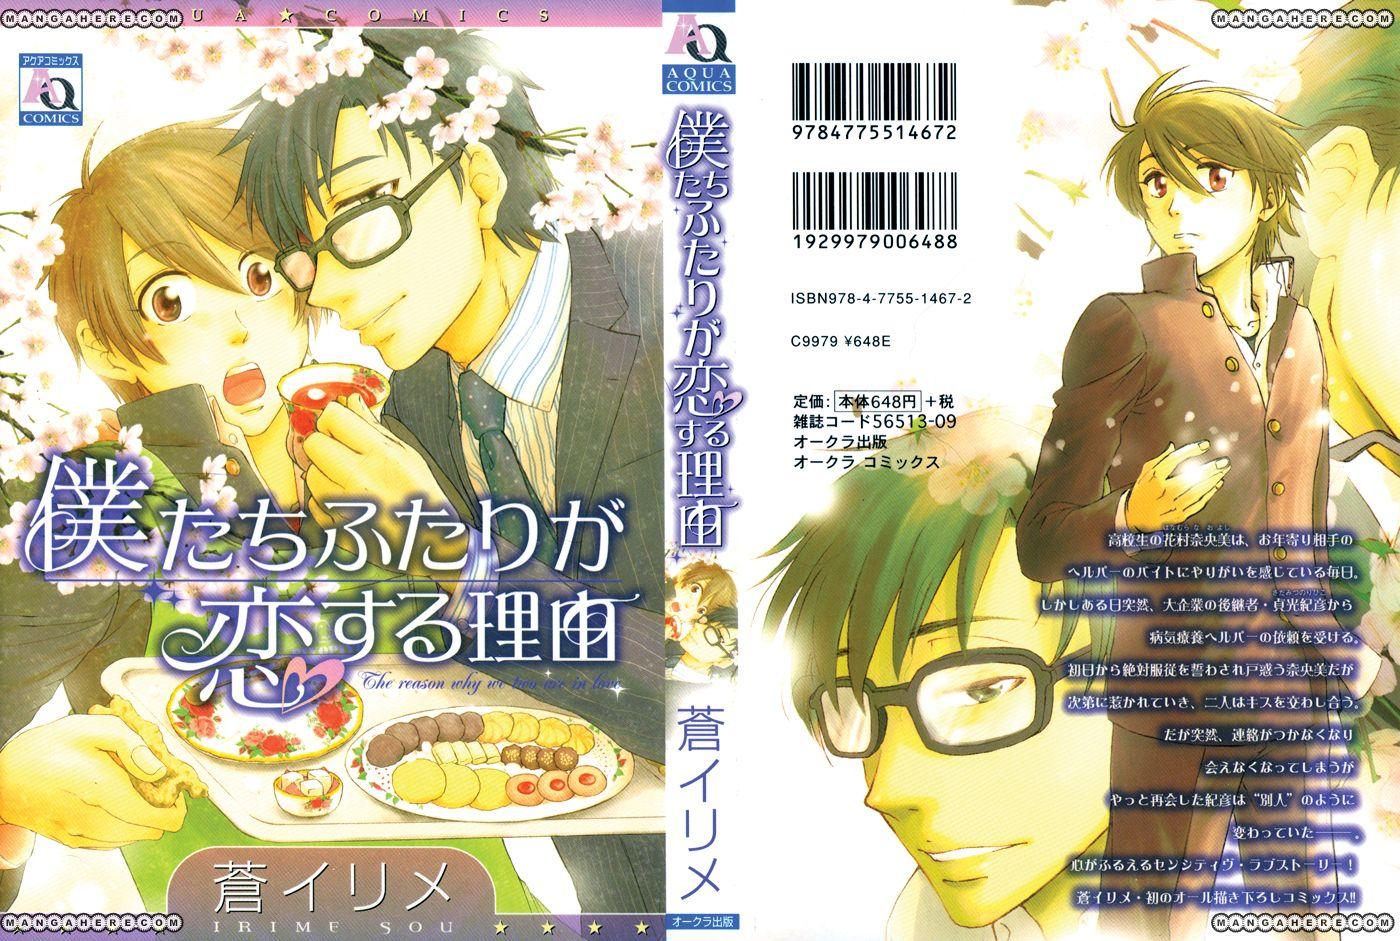 Bokutachi Futari ga Koisuru Riyuu 5.5 Page 2